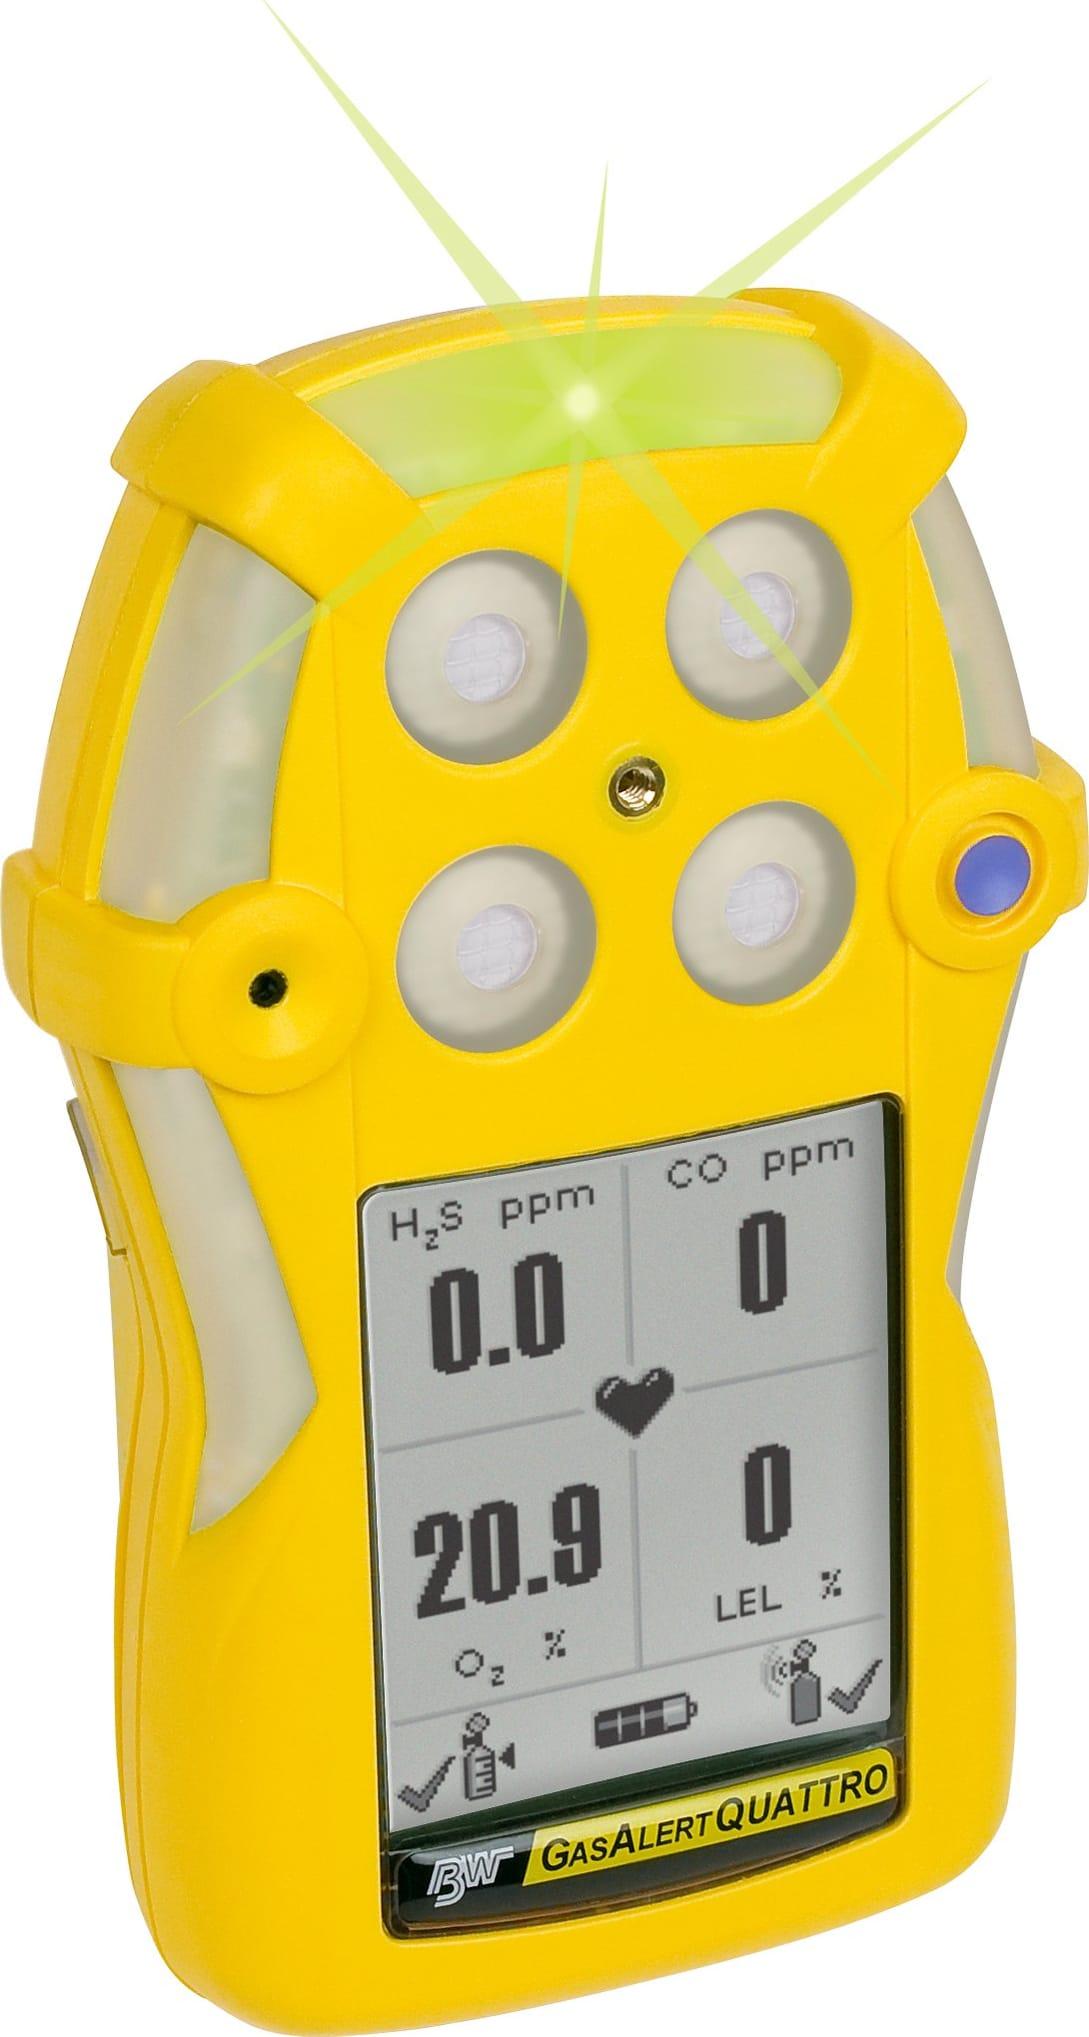 BW QT-XWHM-R-Y-NA GasAlertQuattro Gas Detector LEL, O2, H2S